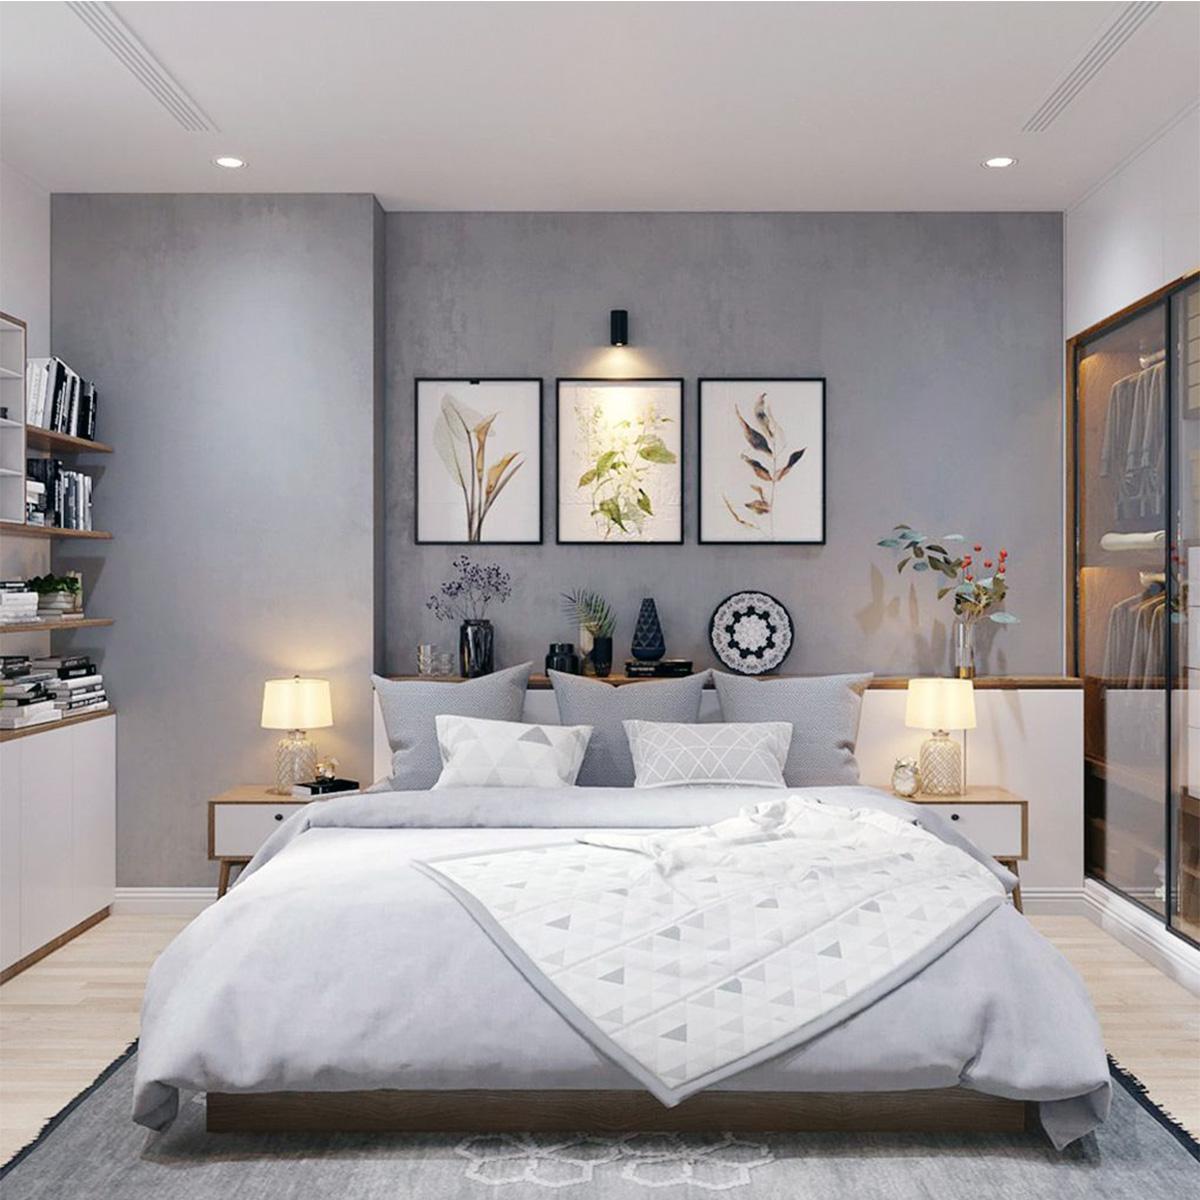 tự trang trí phòng ngủ bằng tranh ảnh